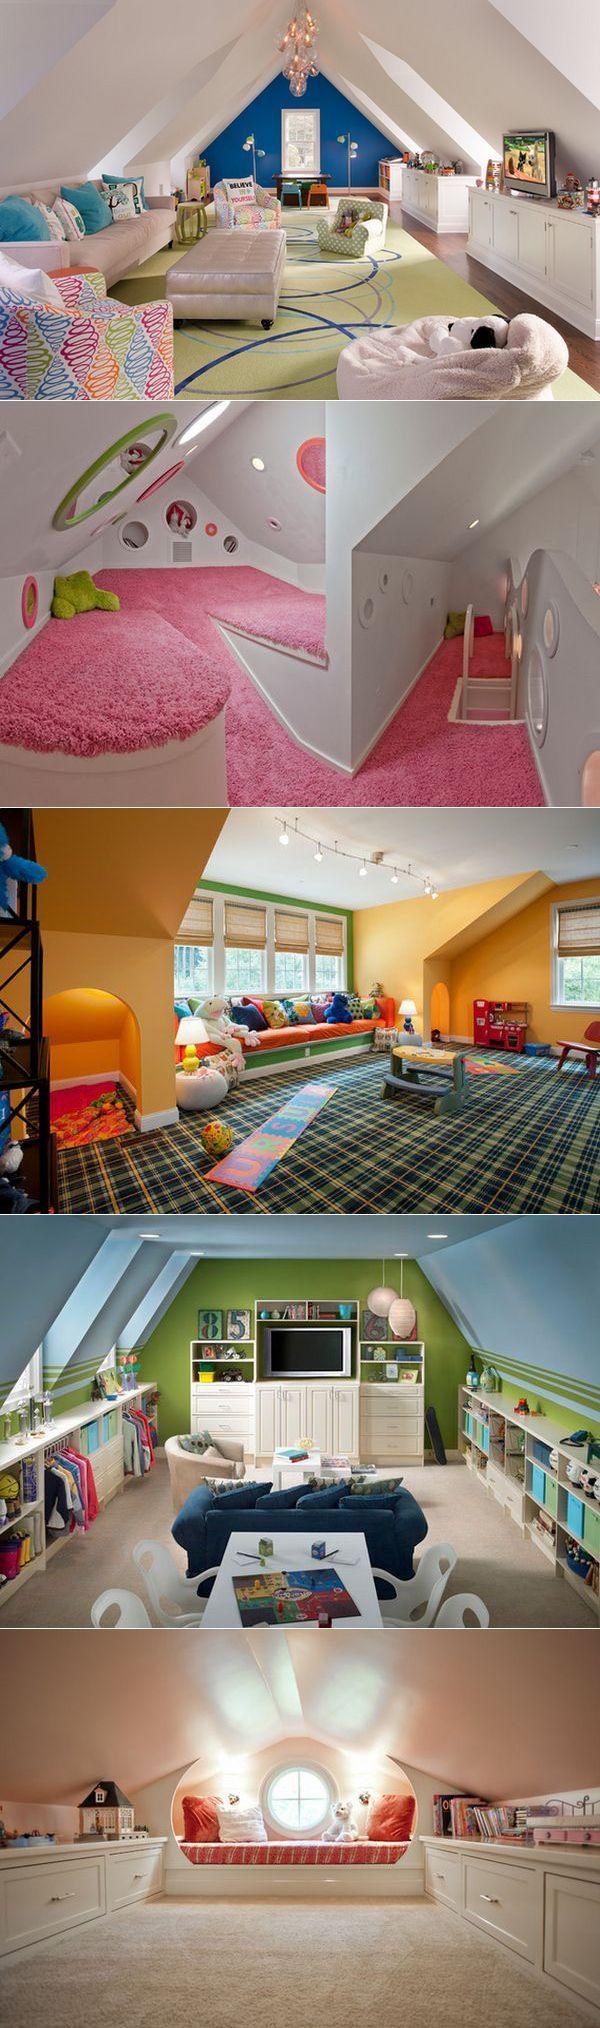 Best 25+ Children playroom ideas on Pinterest | Baby playroom, Playroom  storage and Kids playroom storage